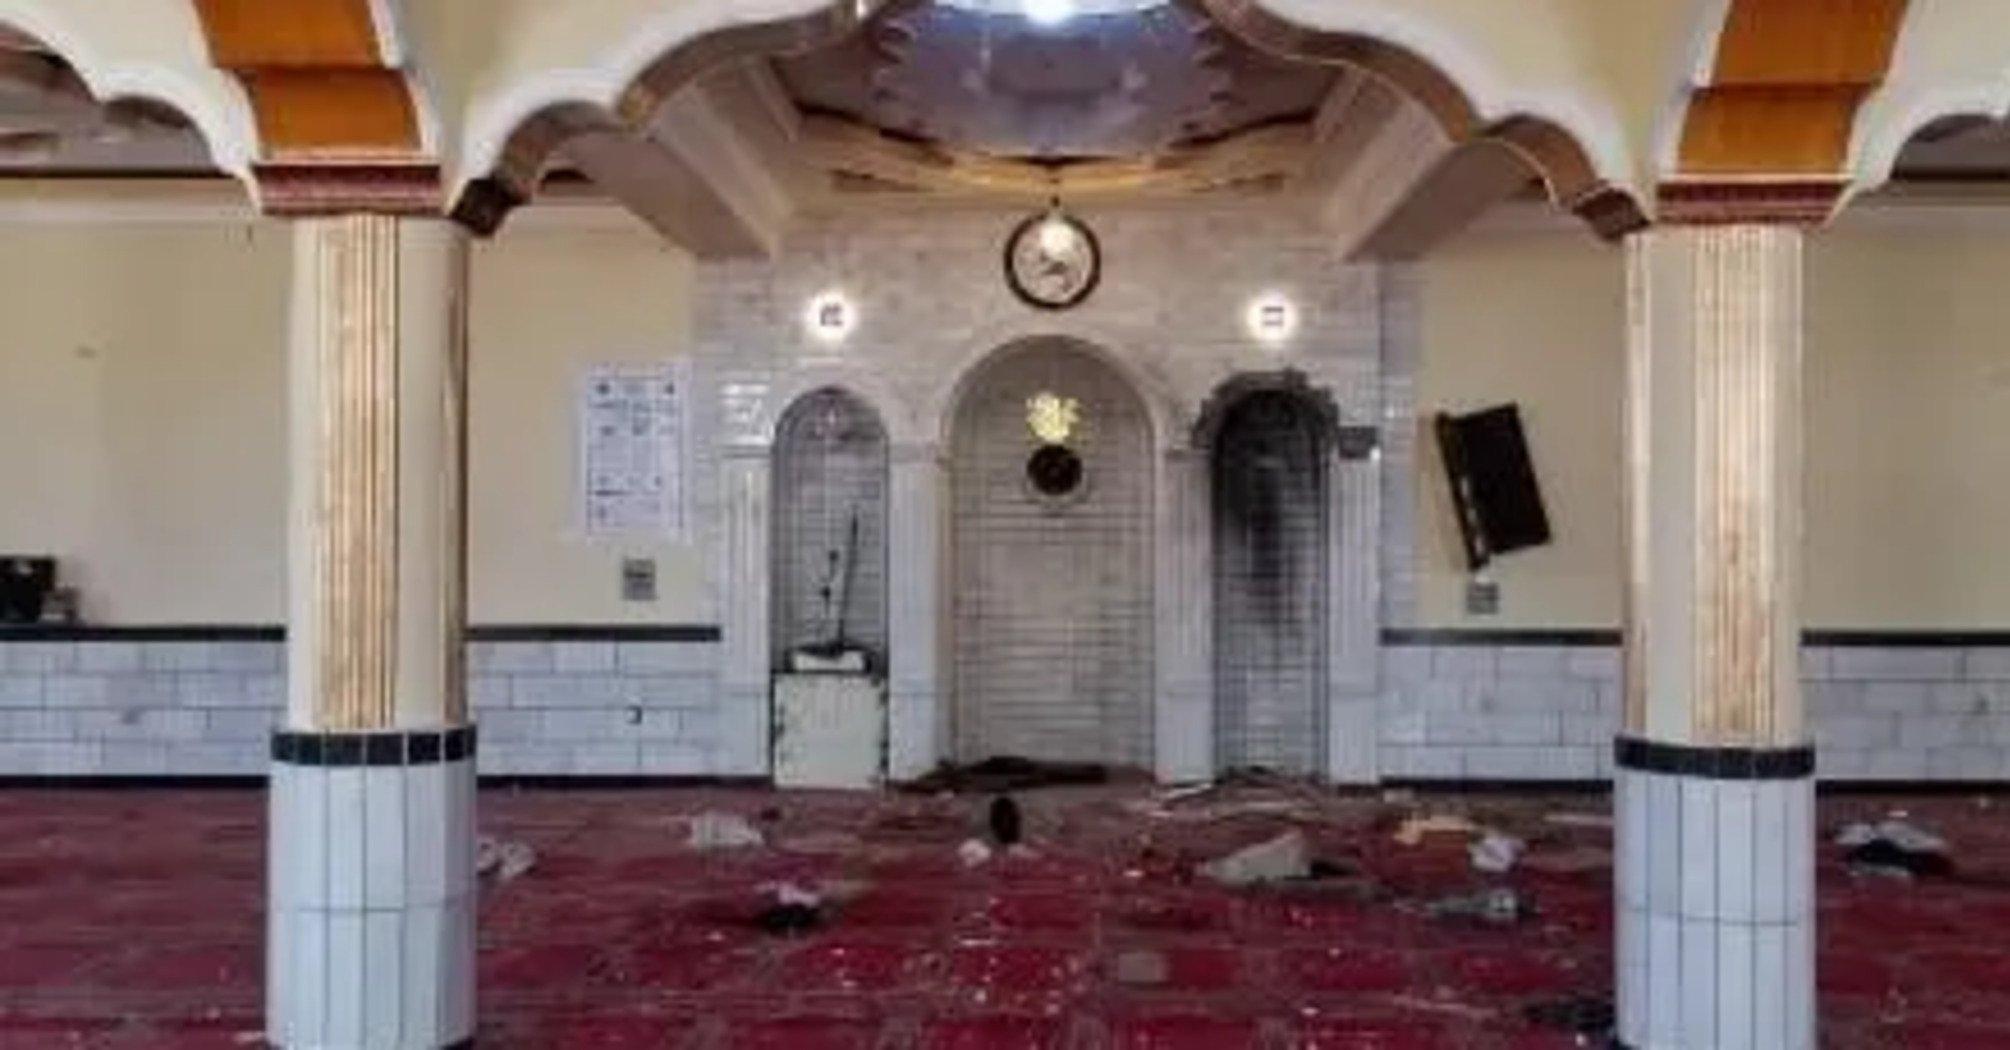 В мечети Кабула взорвали бомбу: много погибших и раненых